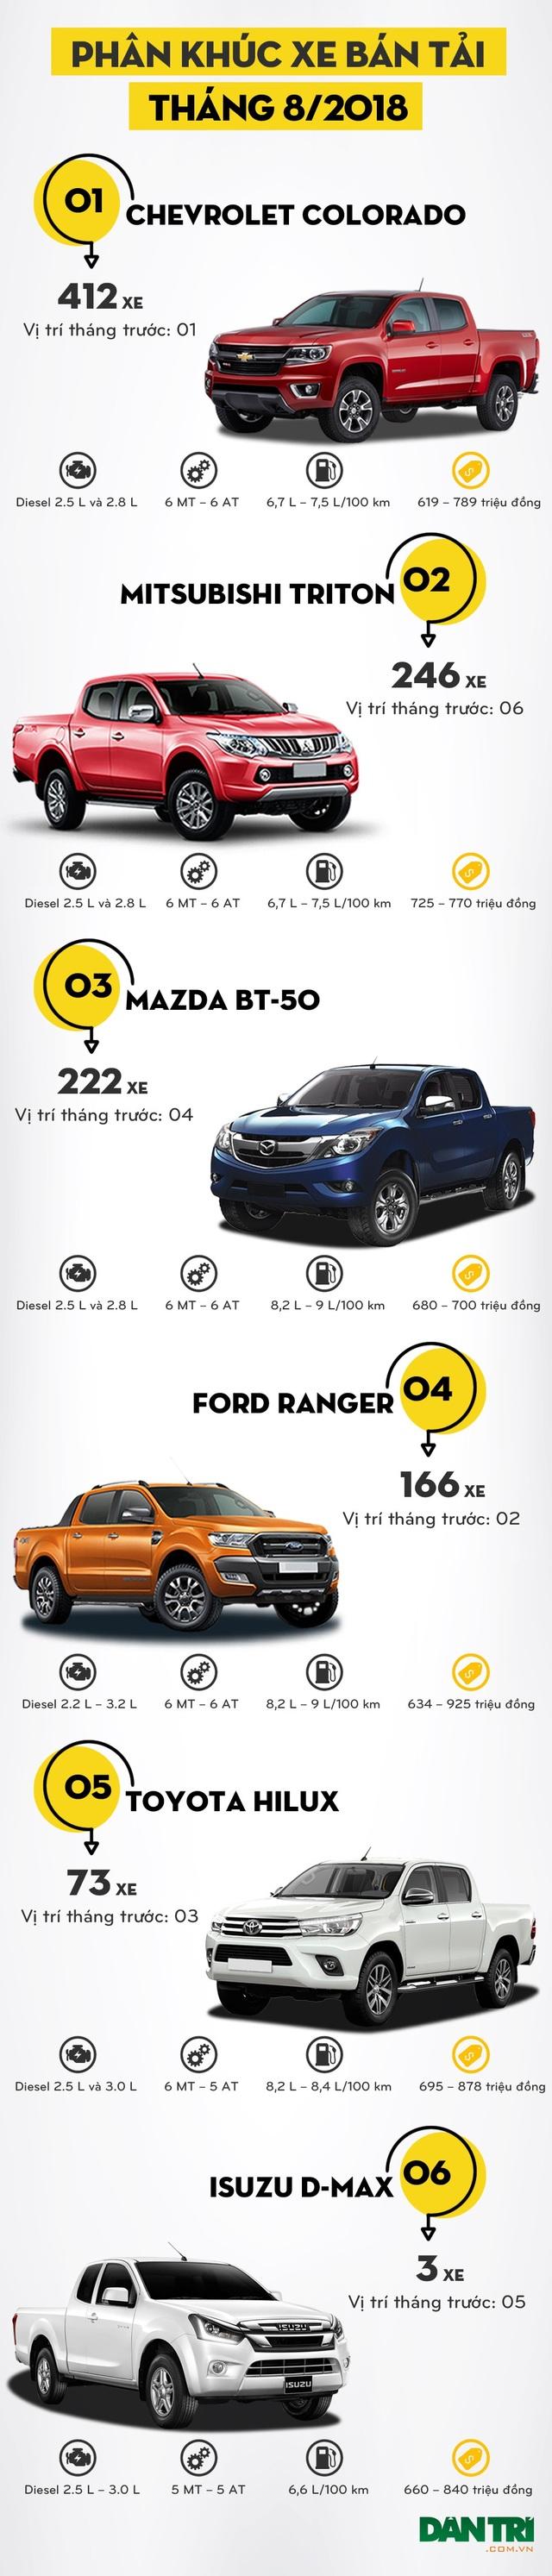 Trật tự mới trên thị trường xe bán tải - 2